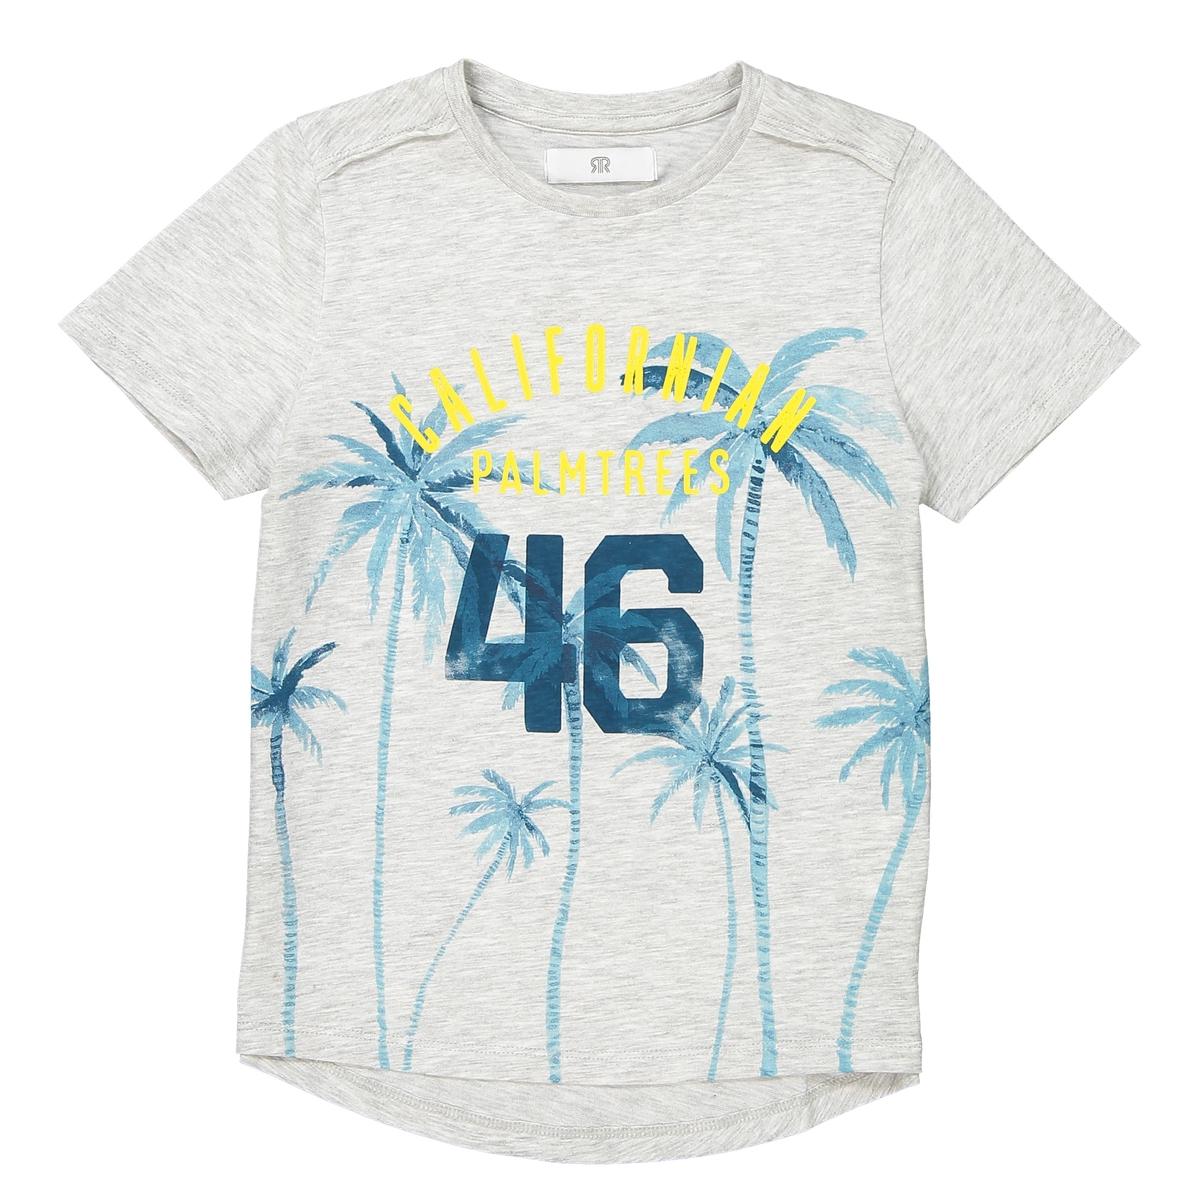 T-shirt comprida com motivo